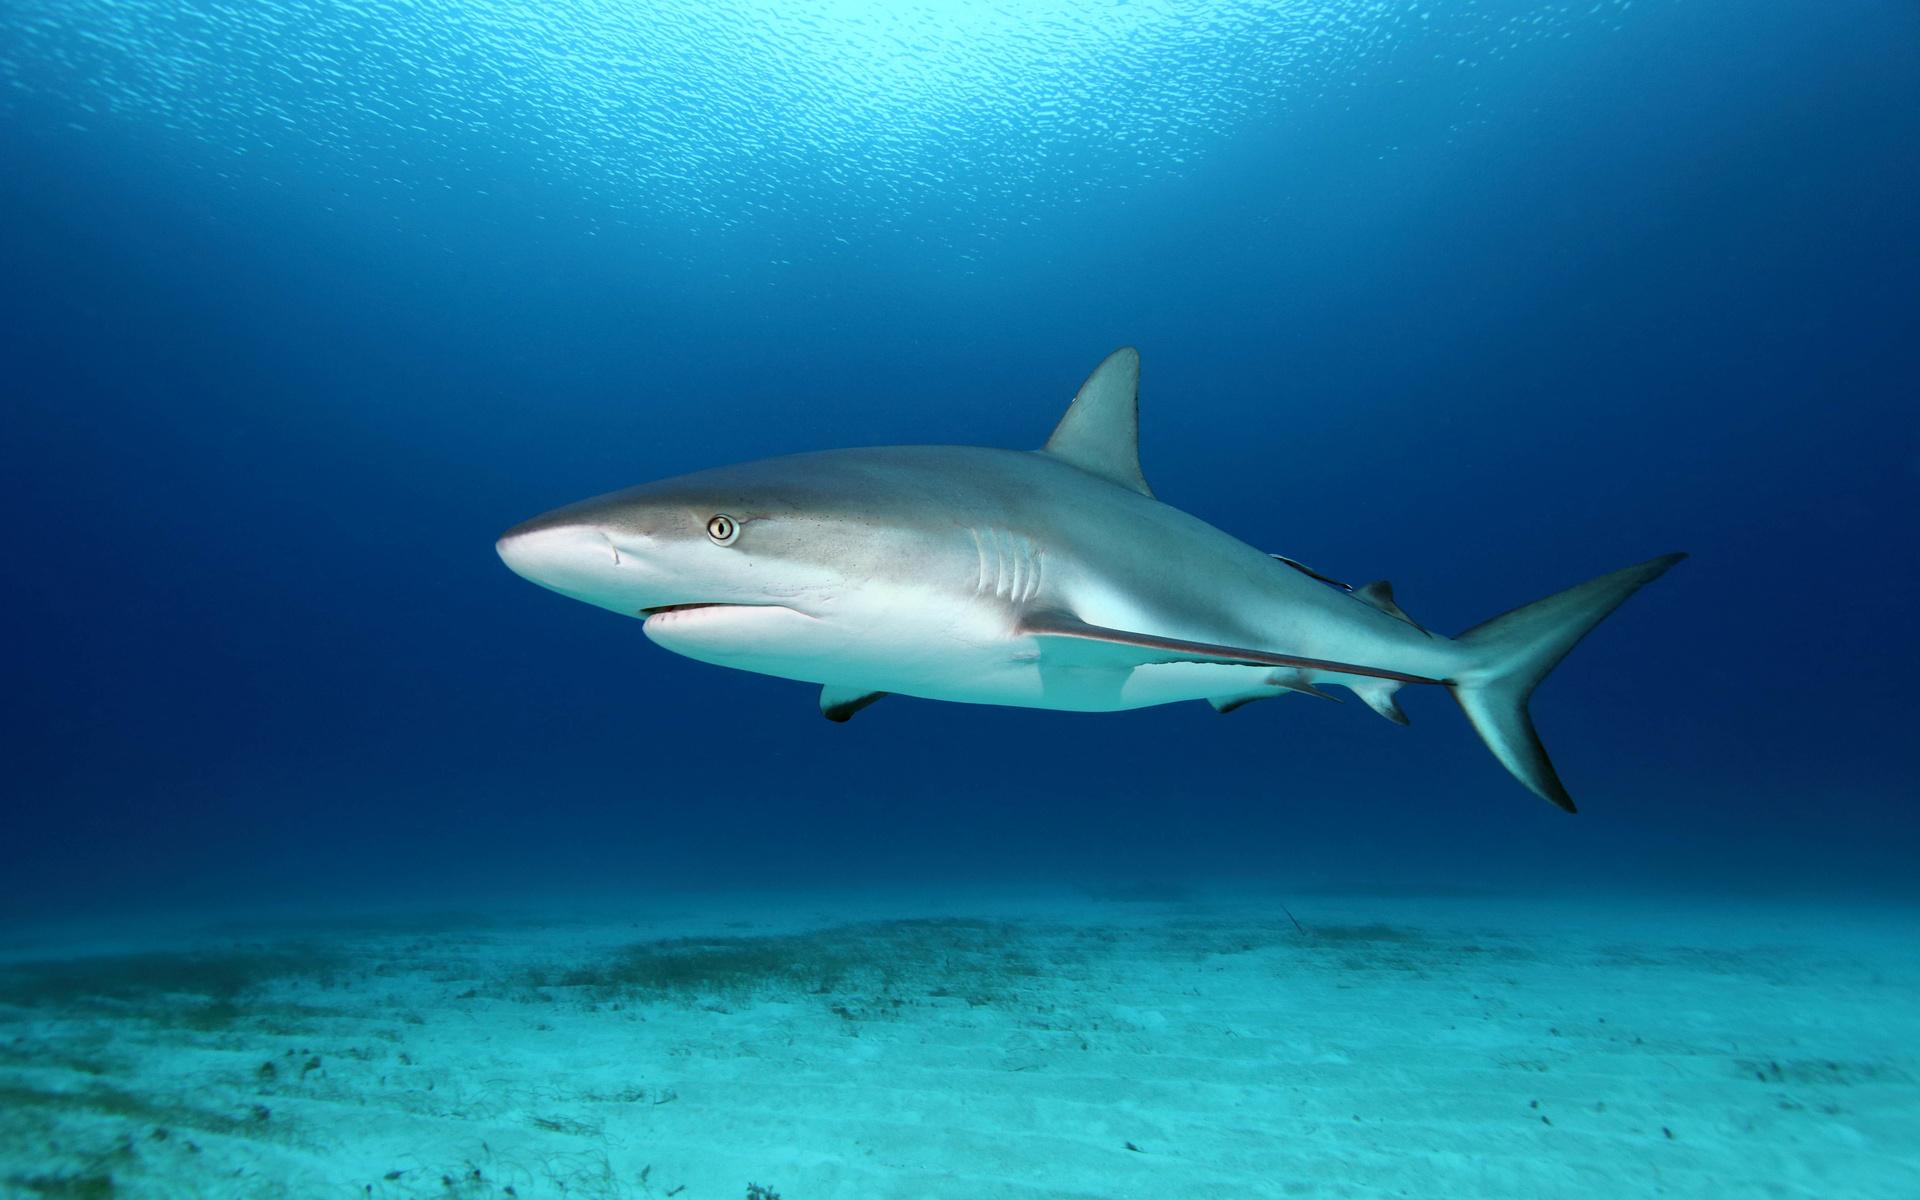 вновь картинки красивых белых акул петунии прекрасно